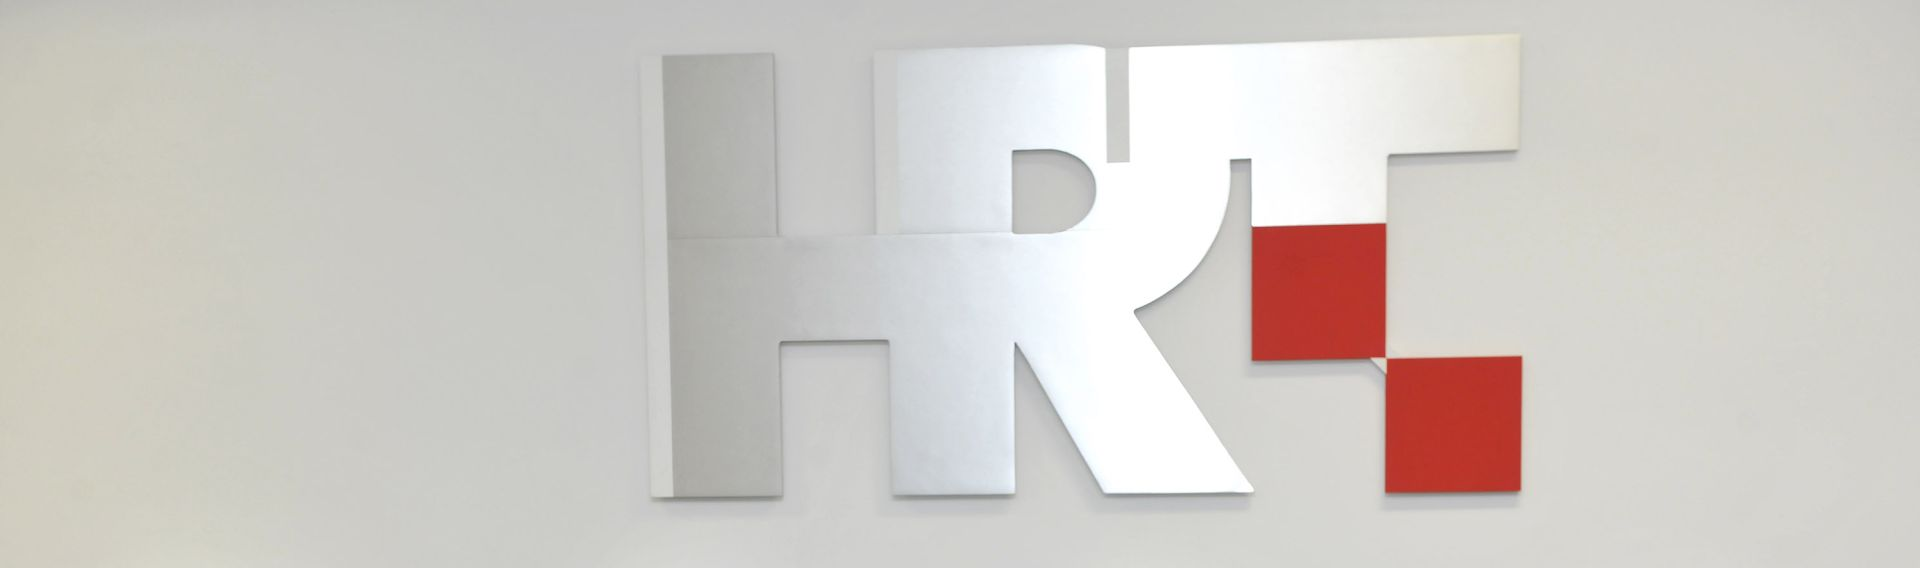 Kovačić vraća HRT-ov logotip s crvenim kvadratićima umjesto nedavnog 'jednobojnog'